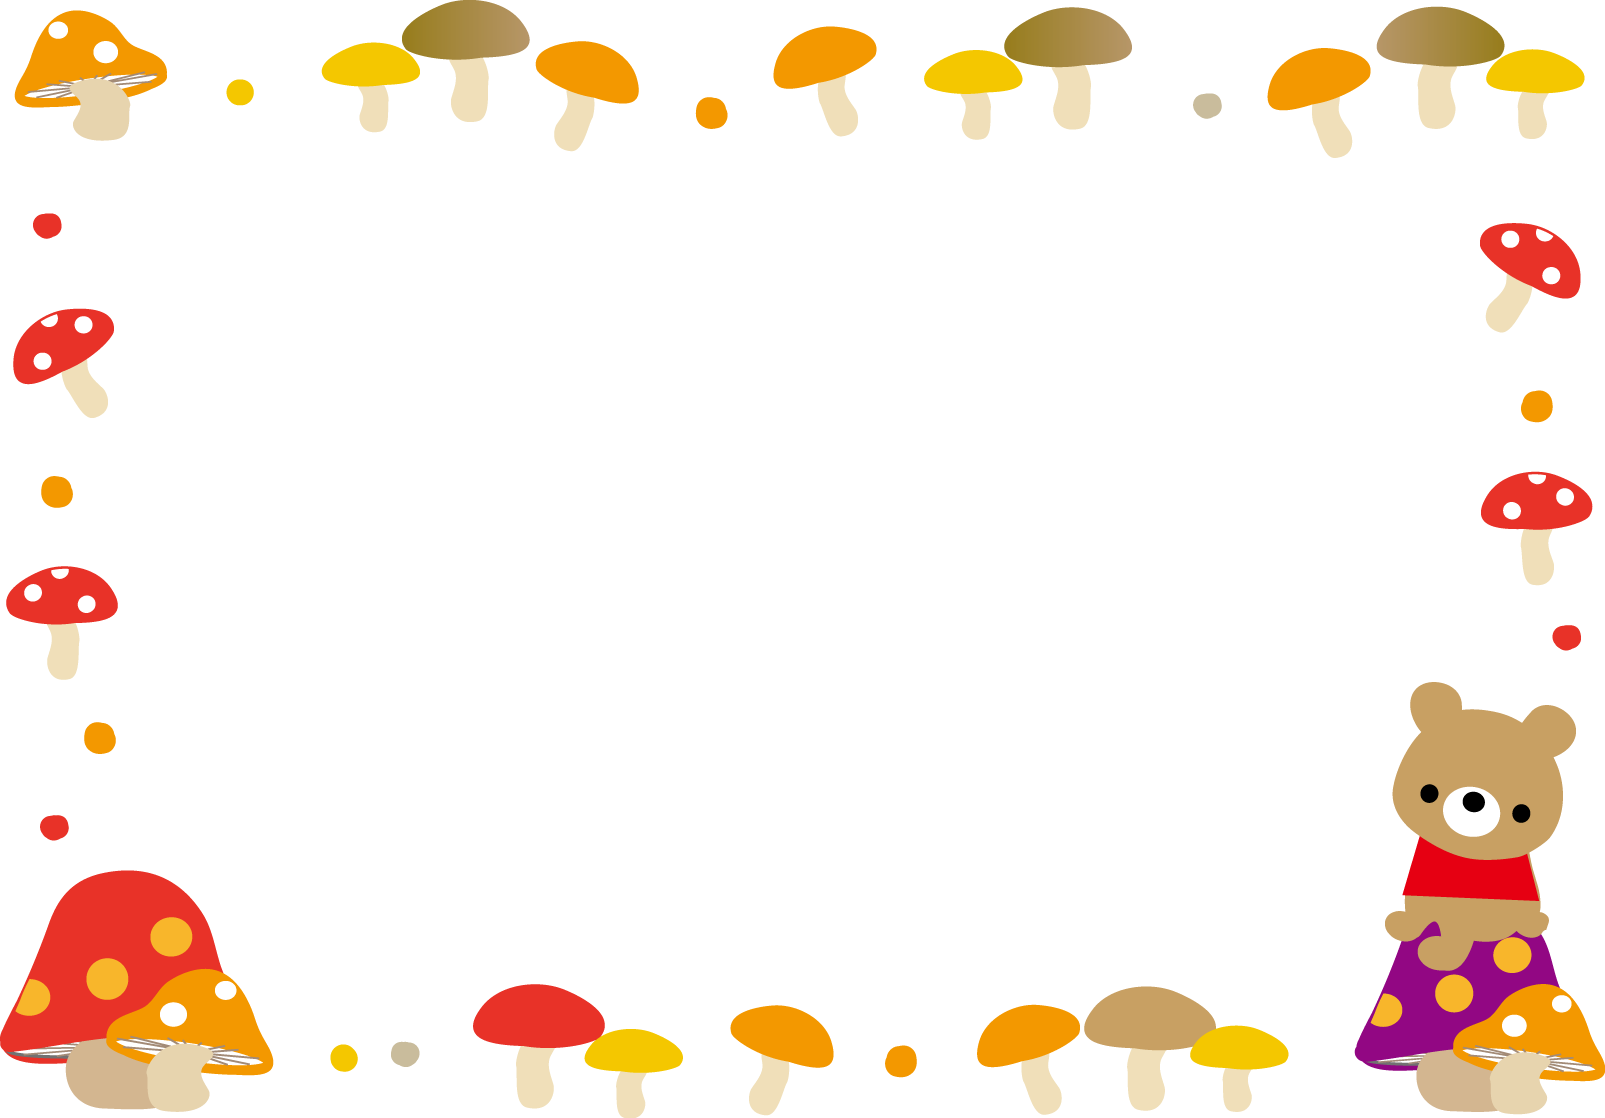 枠・吹き出しイラスト(秋きのこ)無料イラスト素材